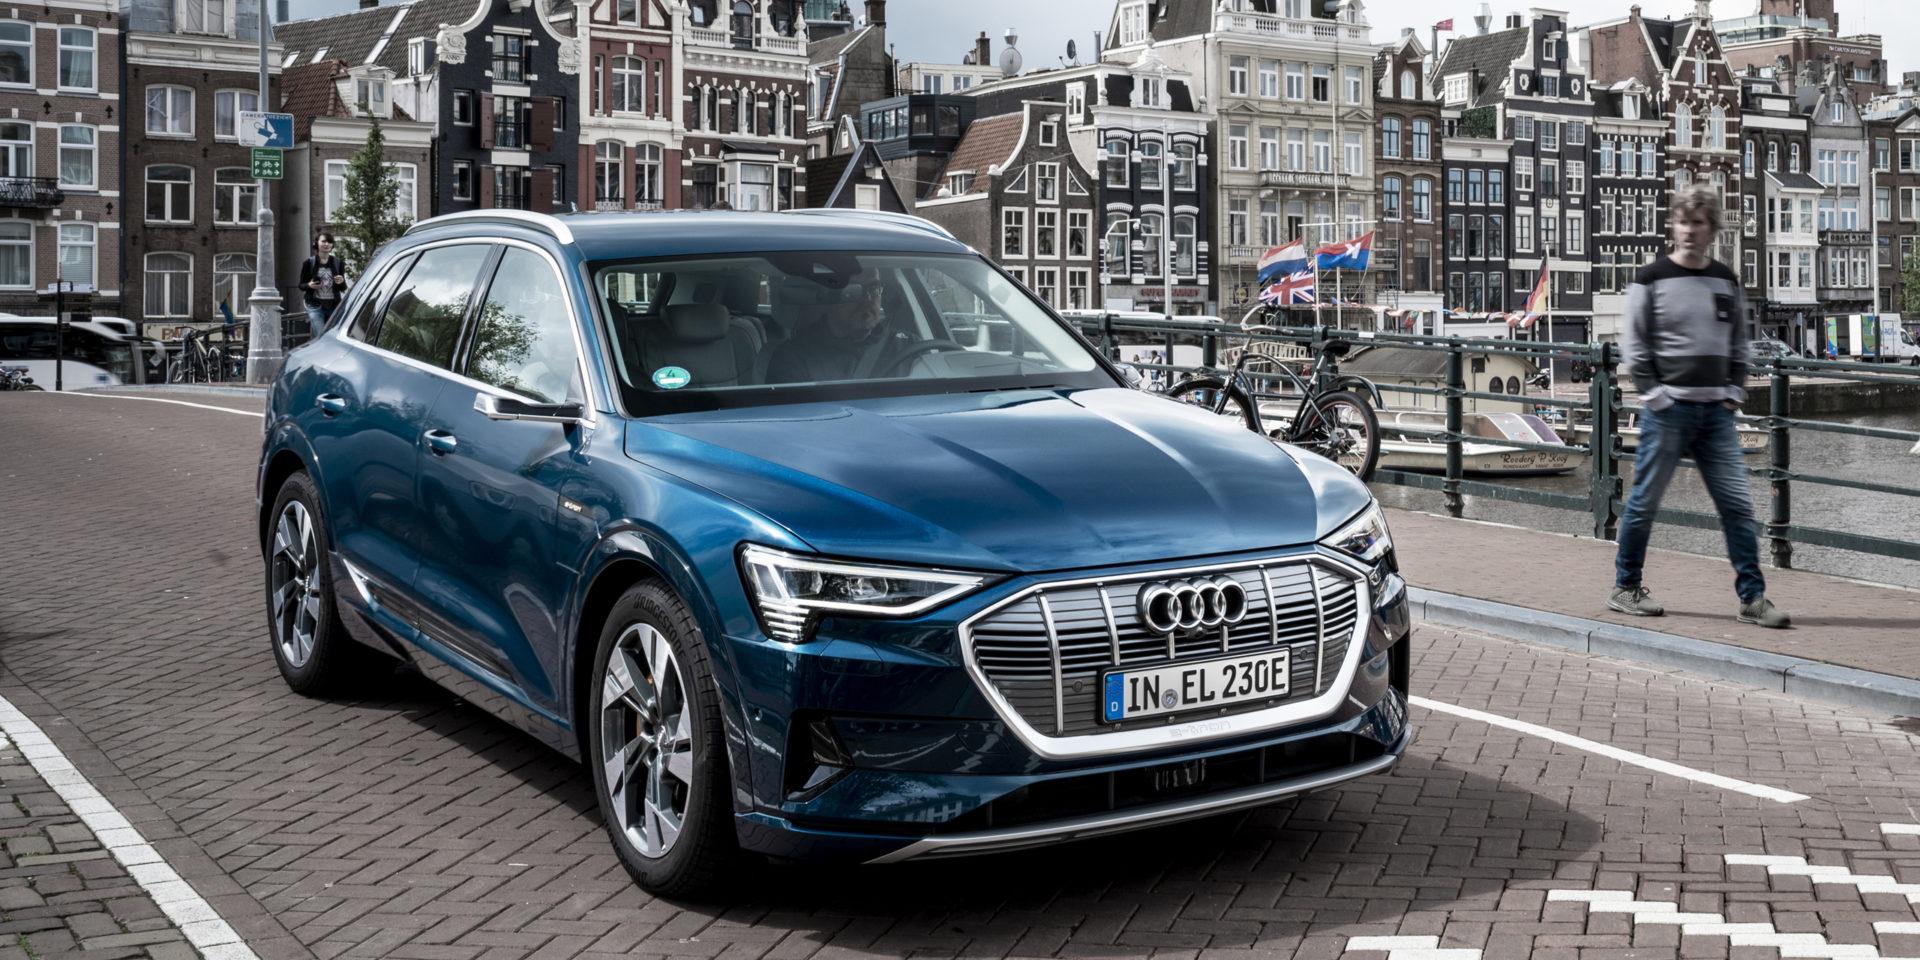 Elektrische Auto Met 4 Procent Bijtelling Nog Beschikbaar Tot Eind 2019 Aankooptips Autokopen Nl